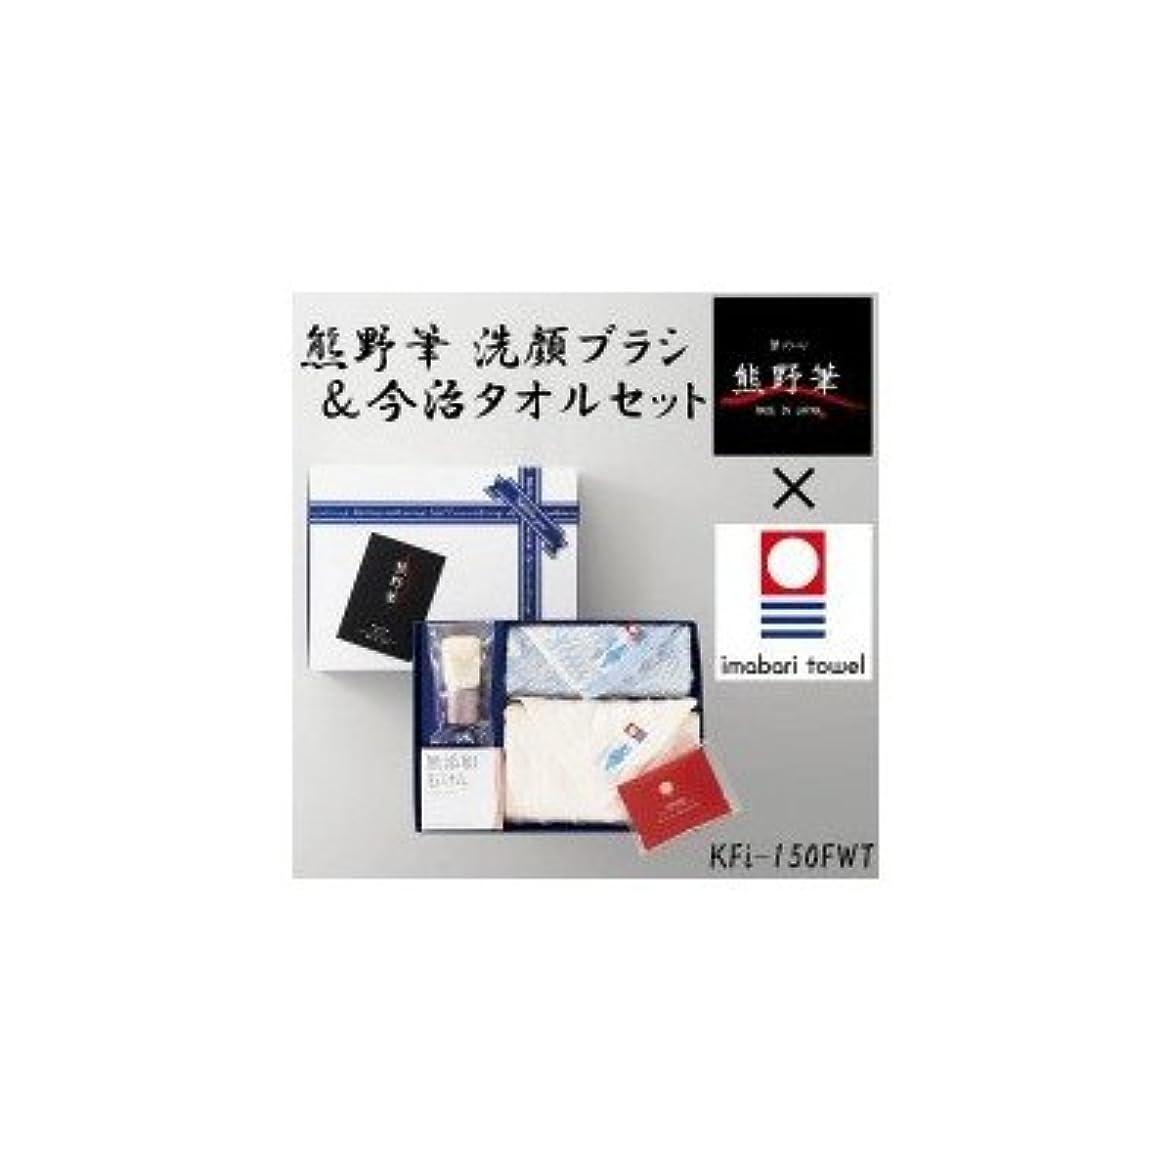 したいフィード傾く熊野筆と今治タオルのコラボレーション 熊野筆 洗顔ブラシ&今治タオルセット KFi-150FWT